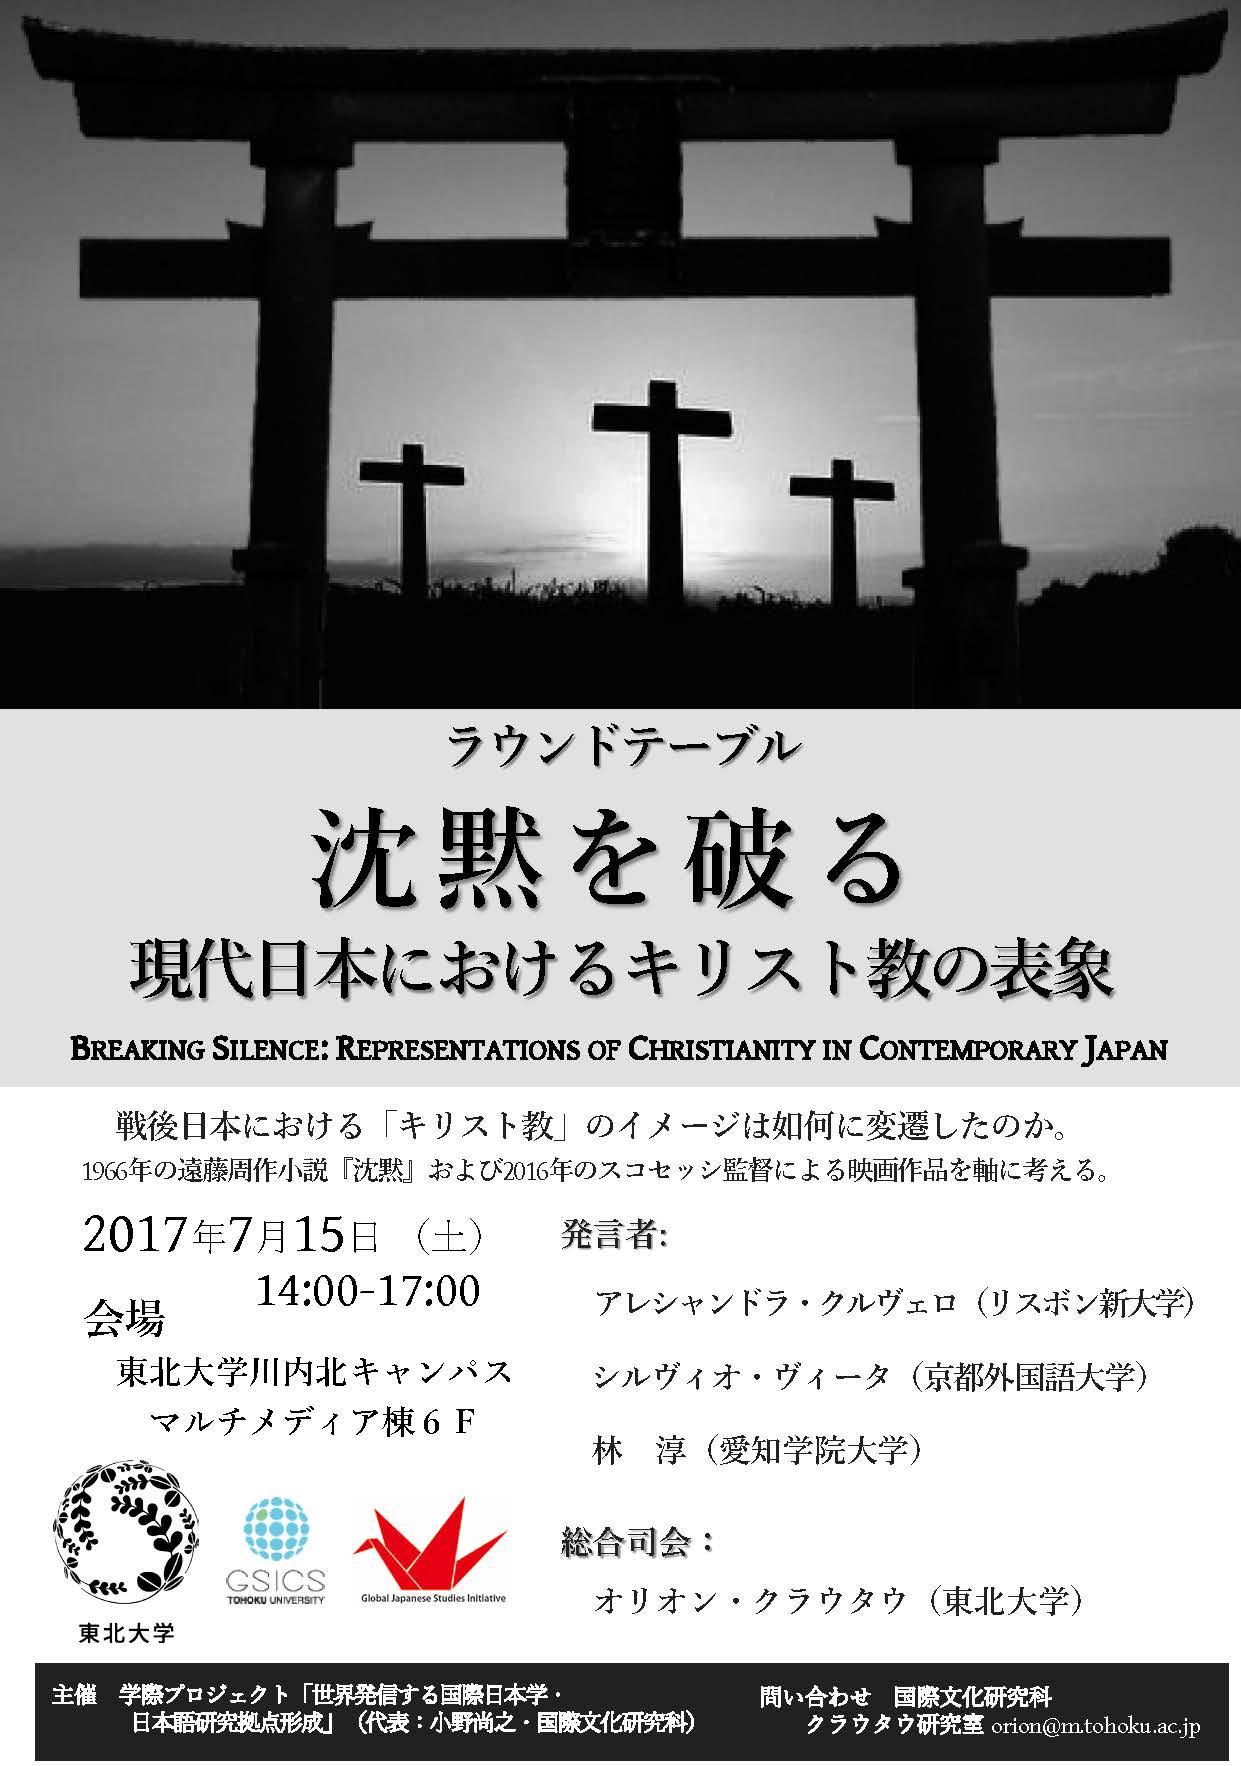 沈黙を破る――現代日本におけるキリスト教の表象